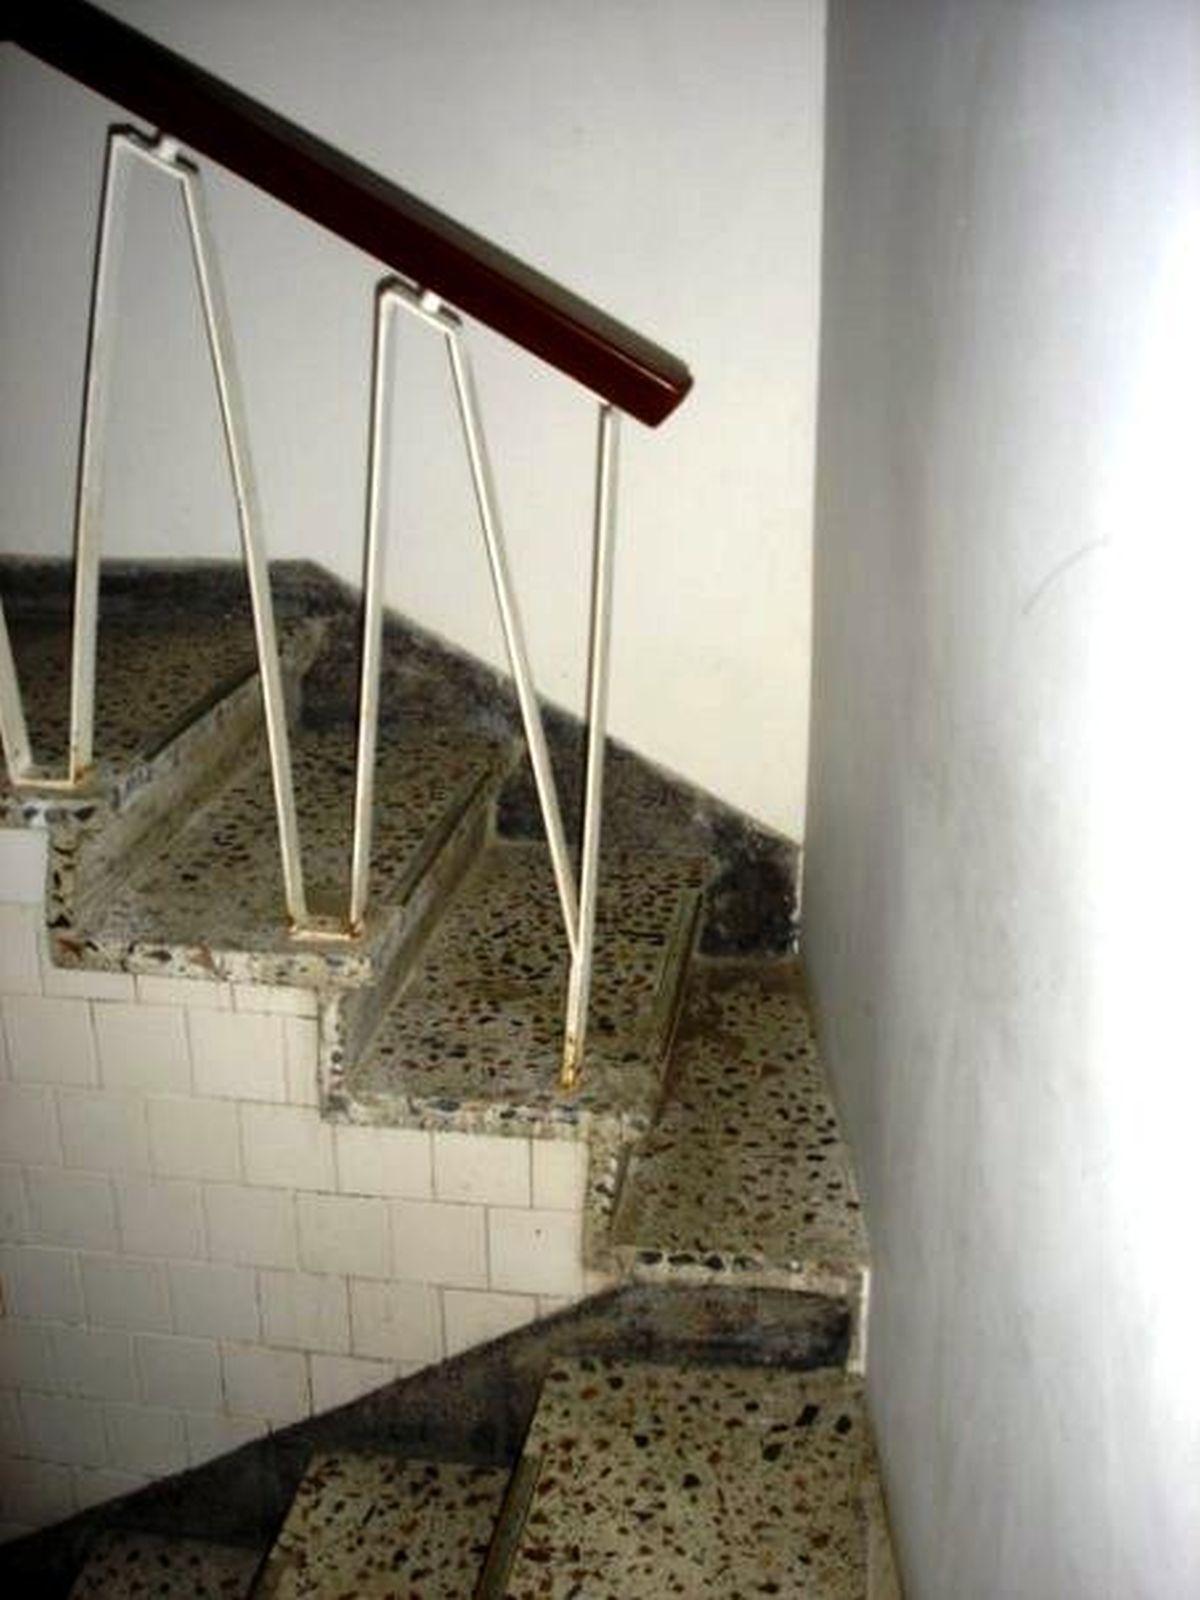 """Chiếc cầu thang chỉ dành riêng cho những ai """"mình hạc xương mai"""" mà thôi"""